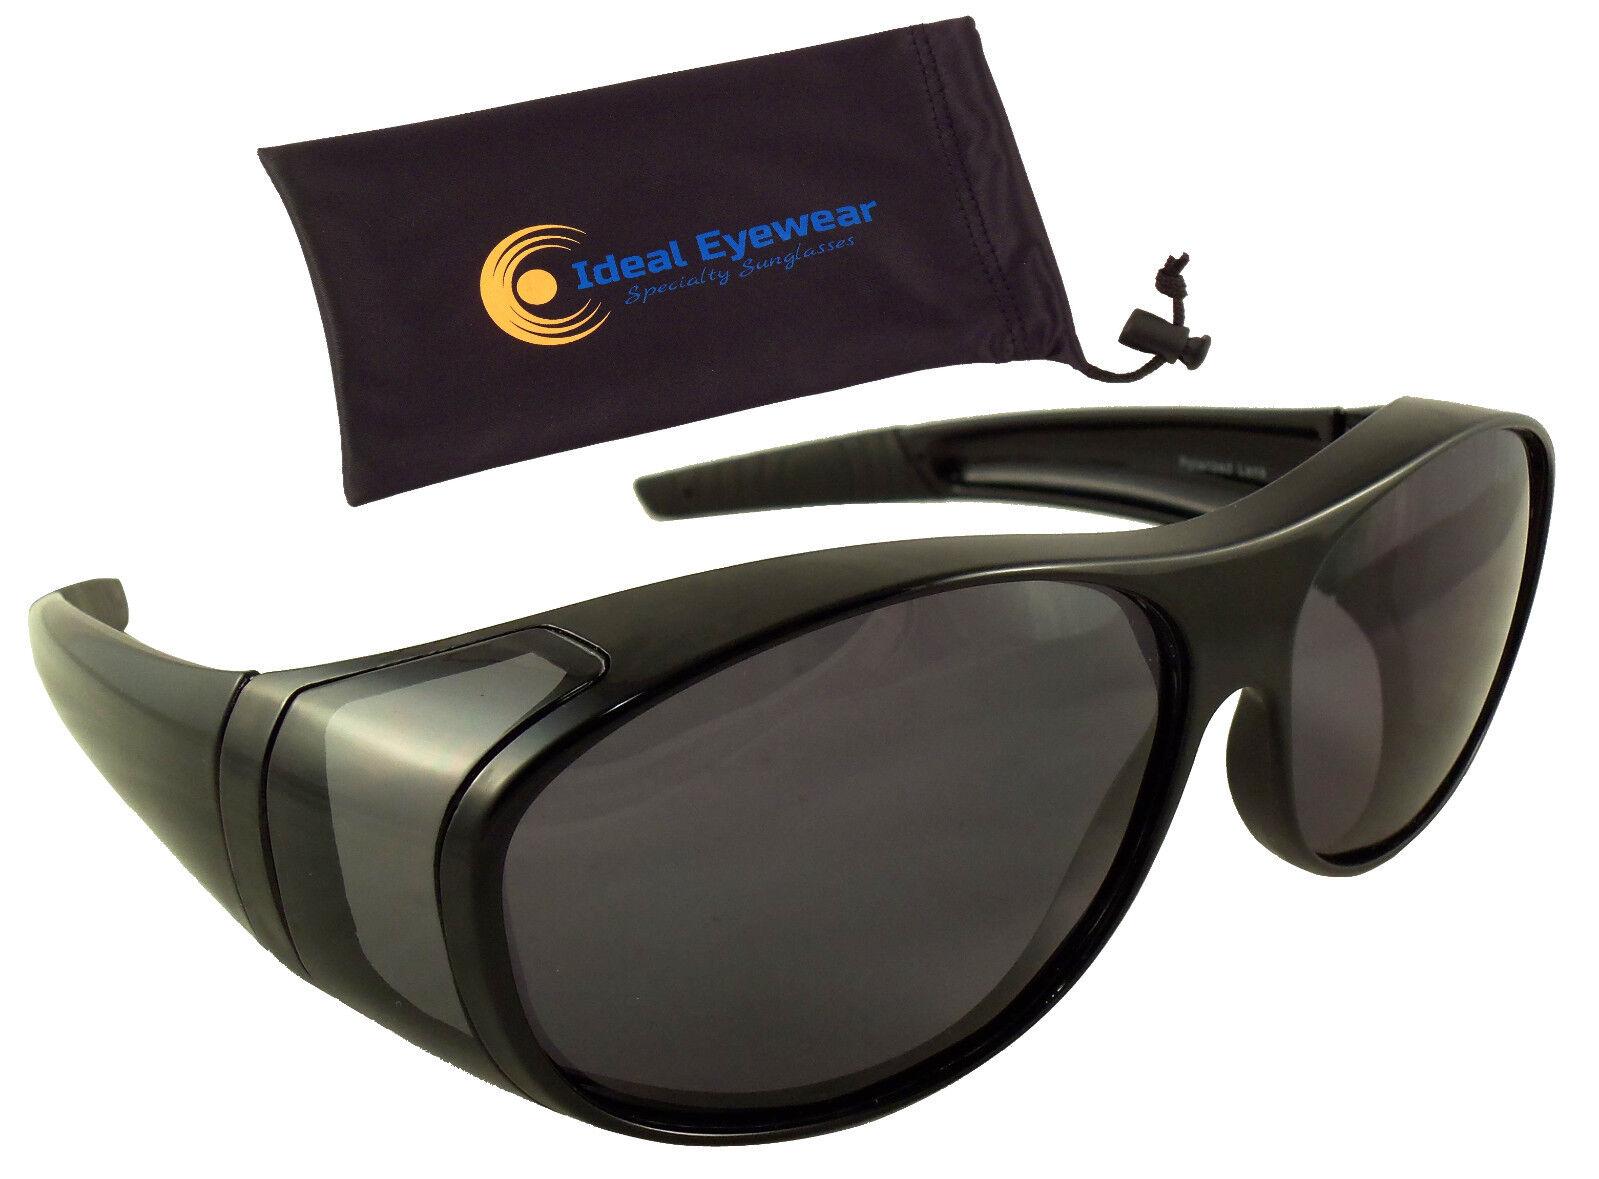 ... очки Polarized Fit Over Sunglasses Wear Cover Glasses Driving Fishing  Golf Mens Women - 131948765100 - купить на eBay.com (США) с доставкой в  Украину ... 71d18817a1a